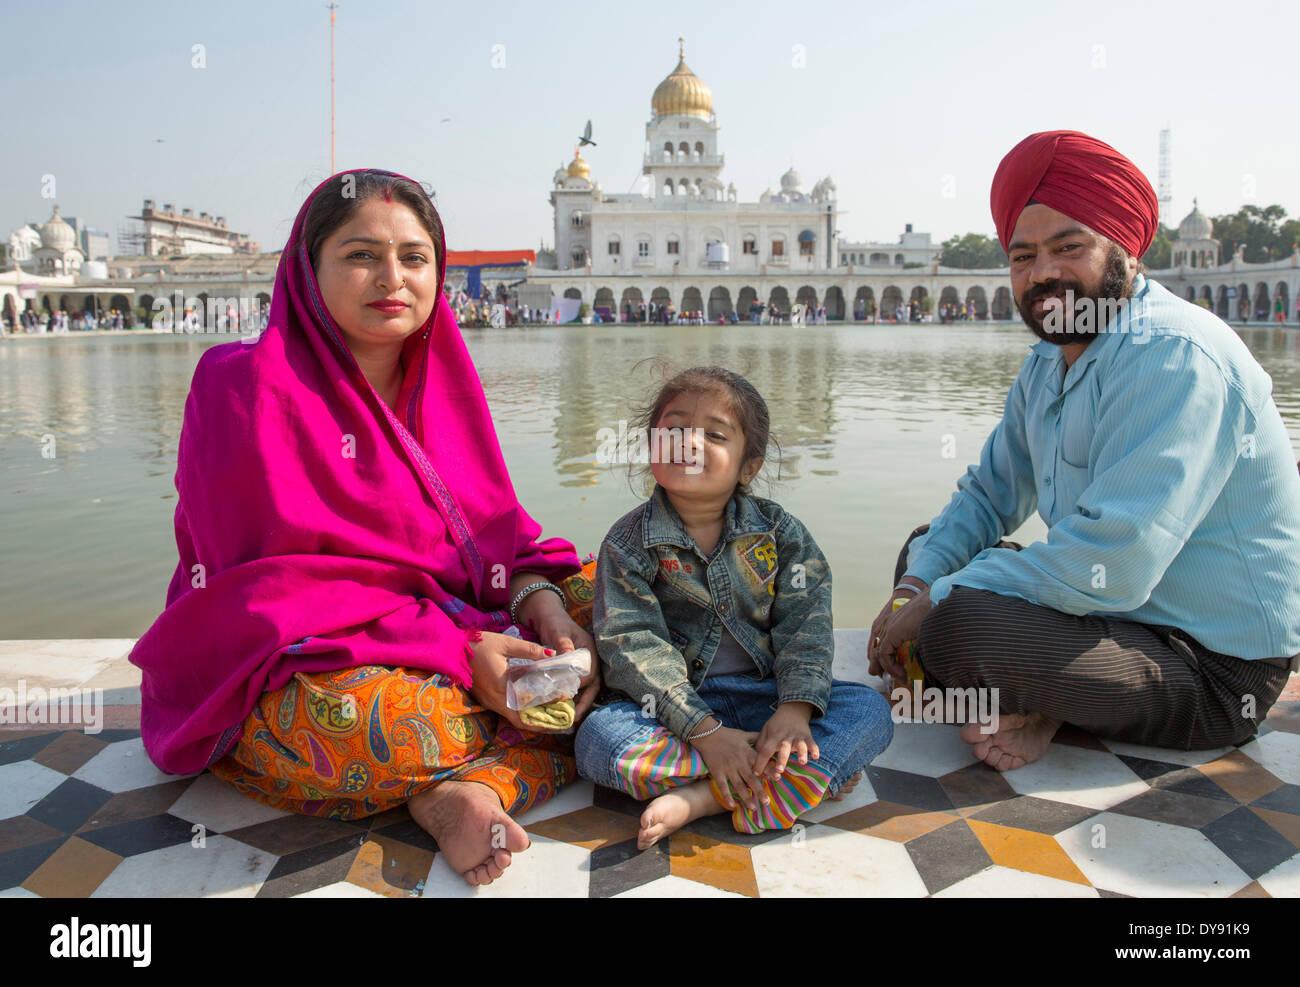 La religione sikh Gurdwara Bangla Sahib Sikh, casa di preghiera, Delhi, New Delhi, Asia, paese, città, chiesa, religione, famiglia, indiano, Immagini Stock